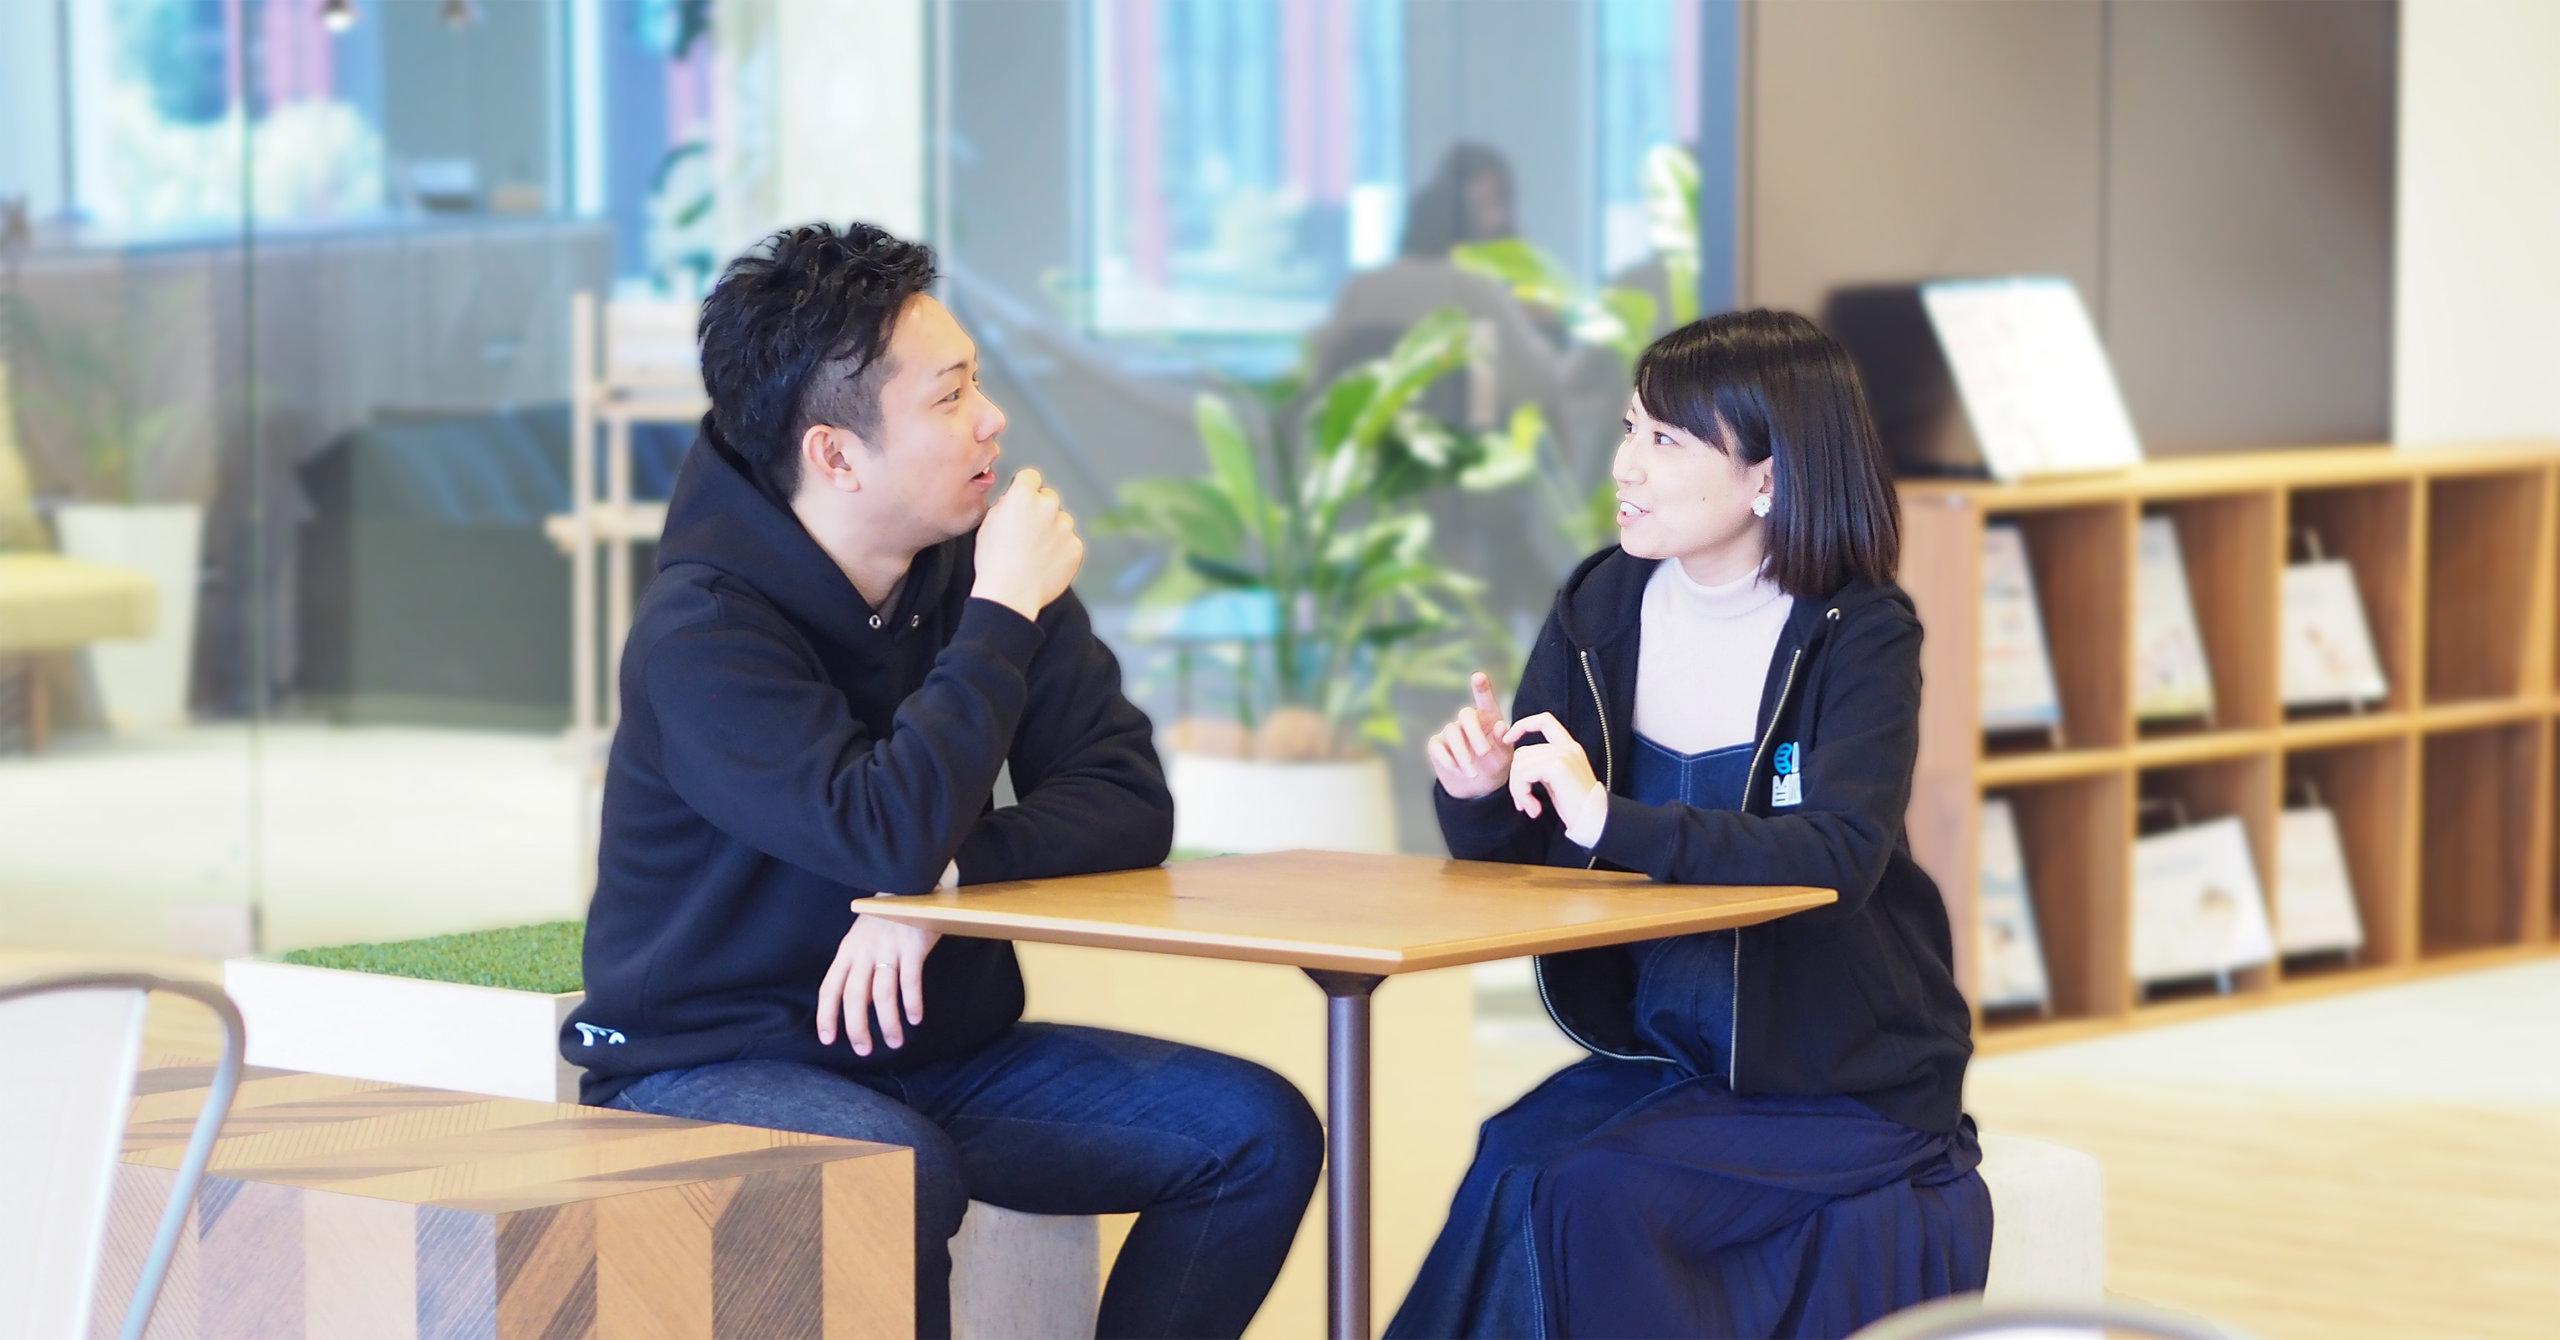 【コドモンの働き方 Vol.5】1on1でつなぐ信頼関係。対話を大事にするチームづくり